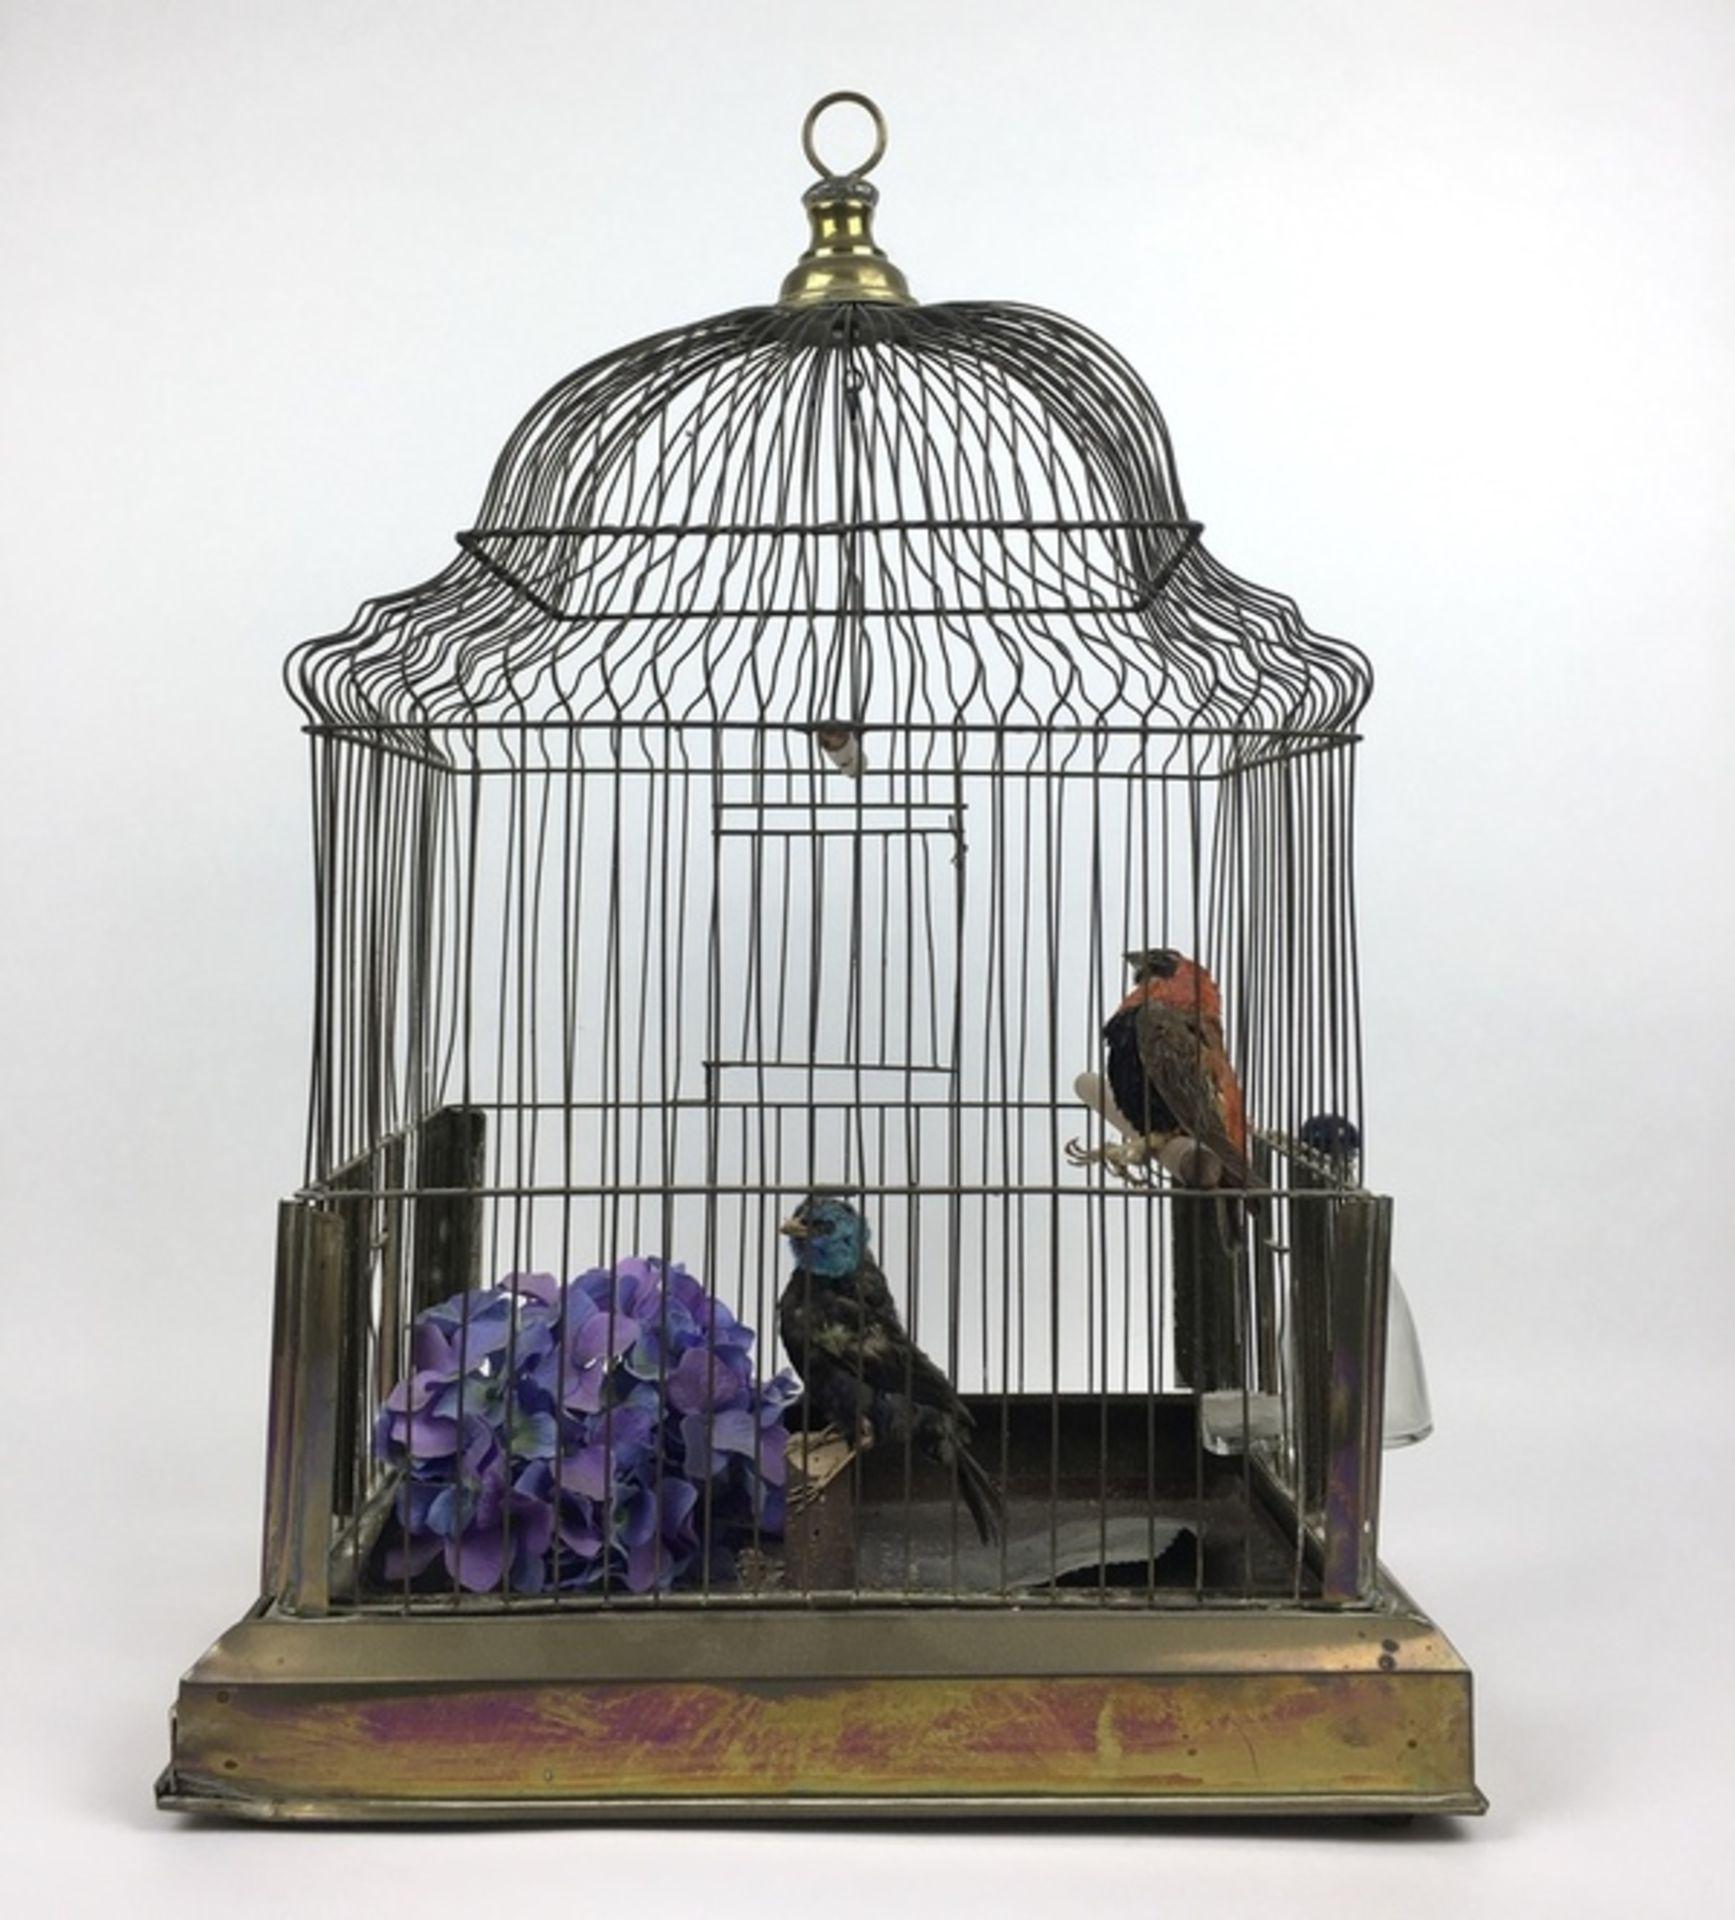 (Antiek) VogelkooiMessing vogelkooi met twee opgezette vogels, eerste helft 20e eeuw. Conditie: